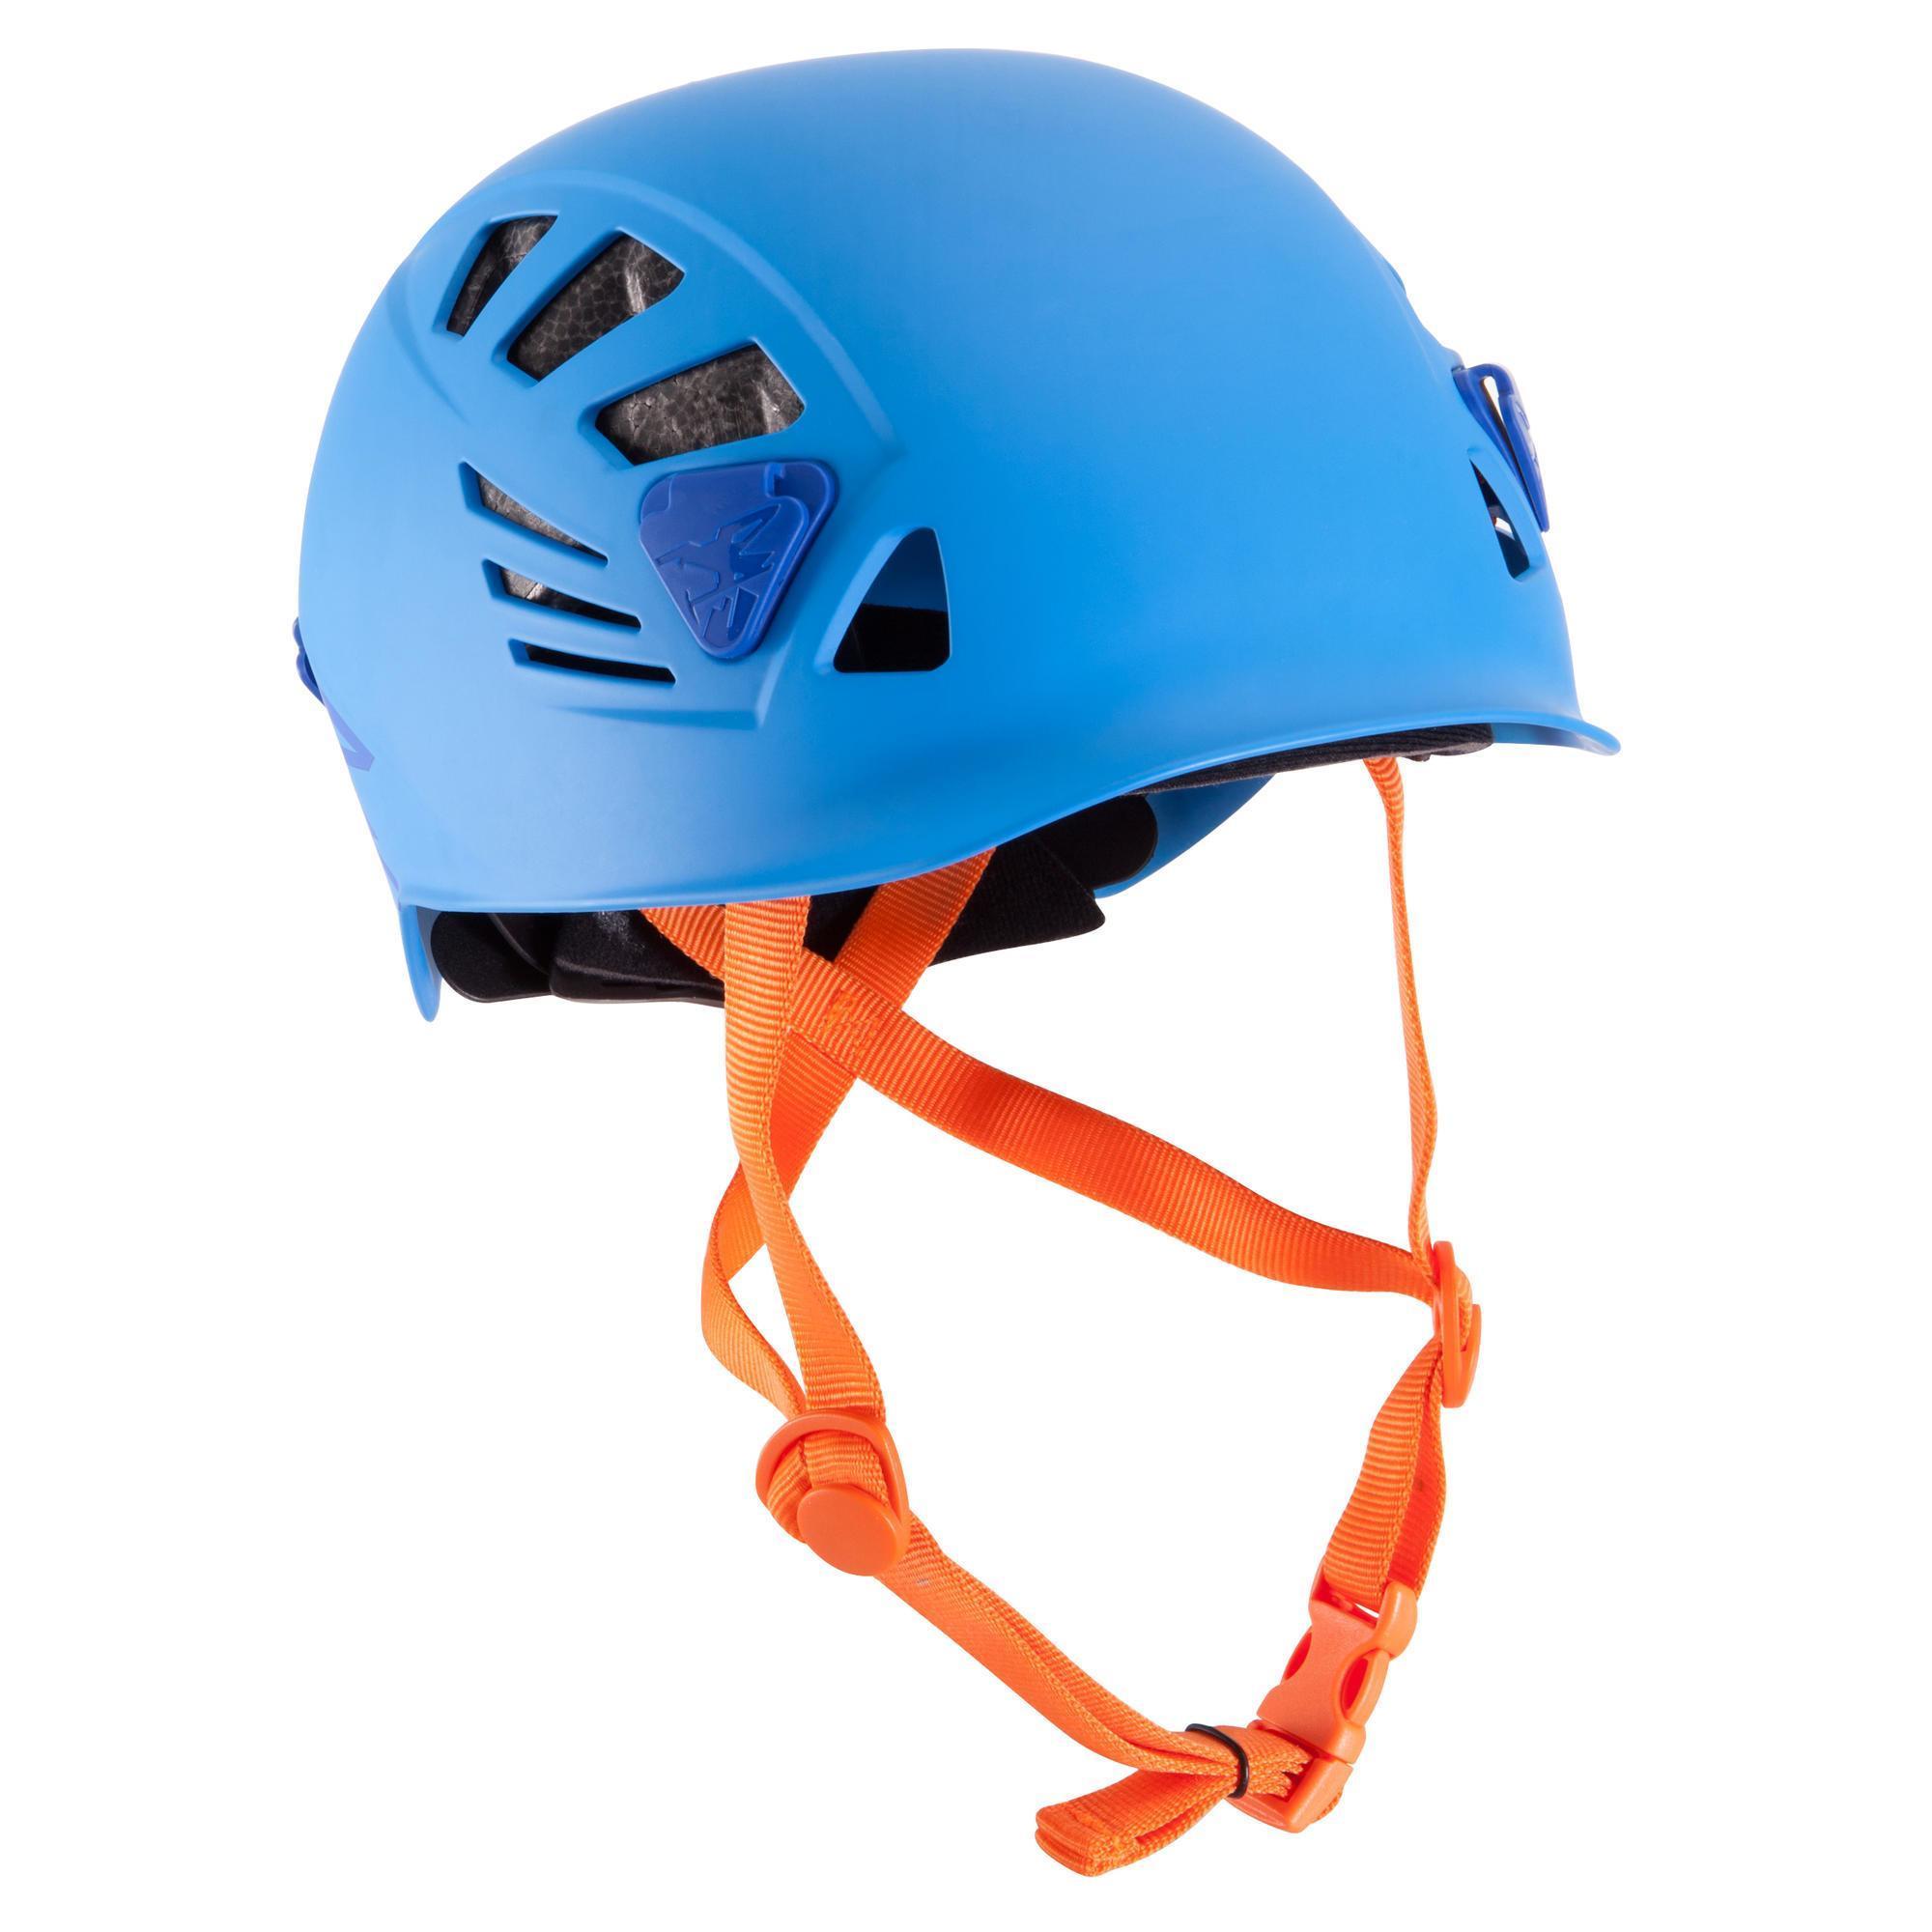 SIMOND Casco arrampicata e alpinismo ROCK azzurro